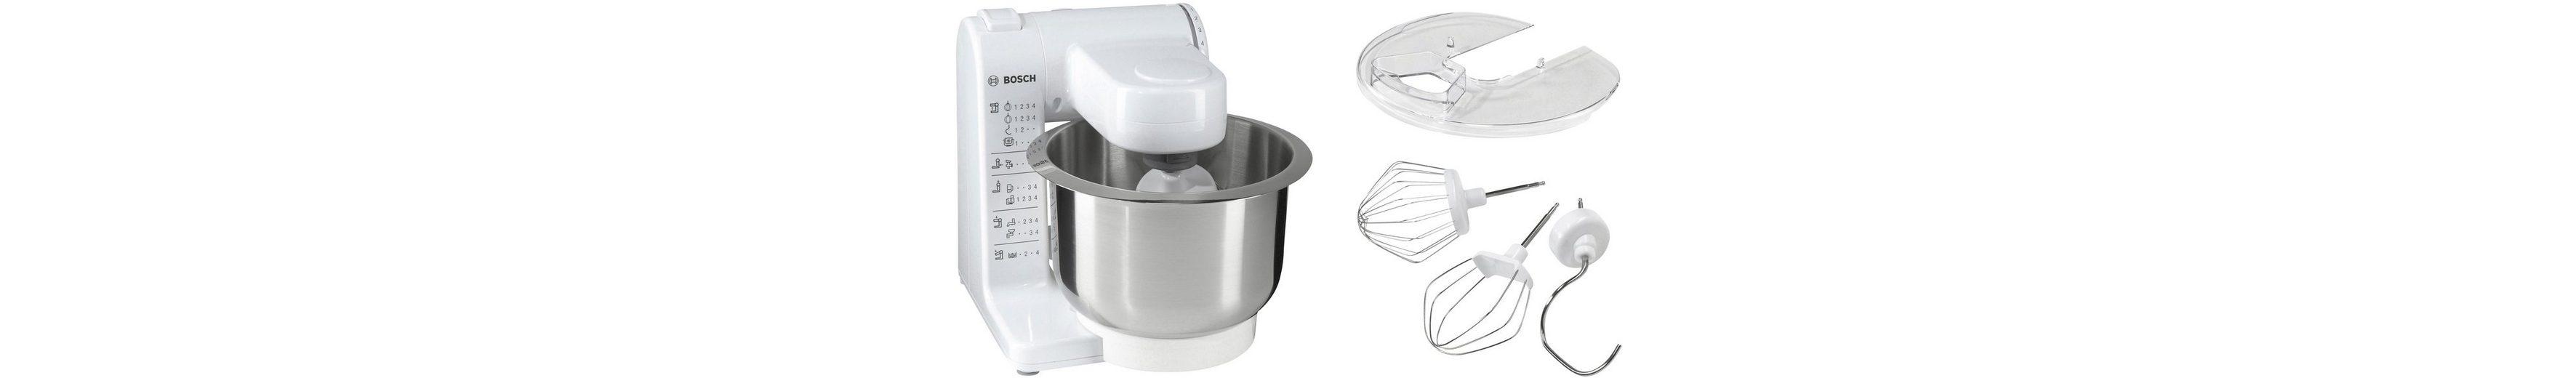 Bosch Küchenmaschine »MUM4407«